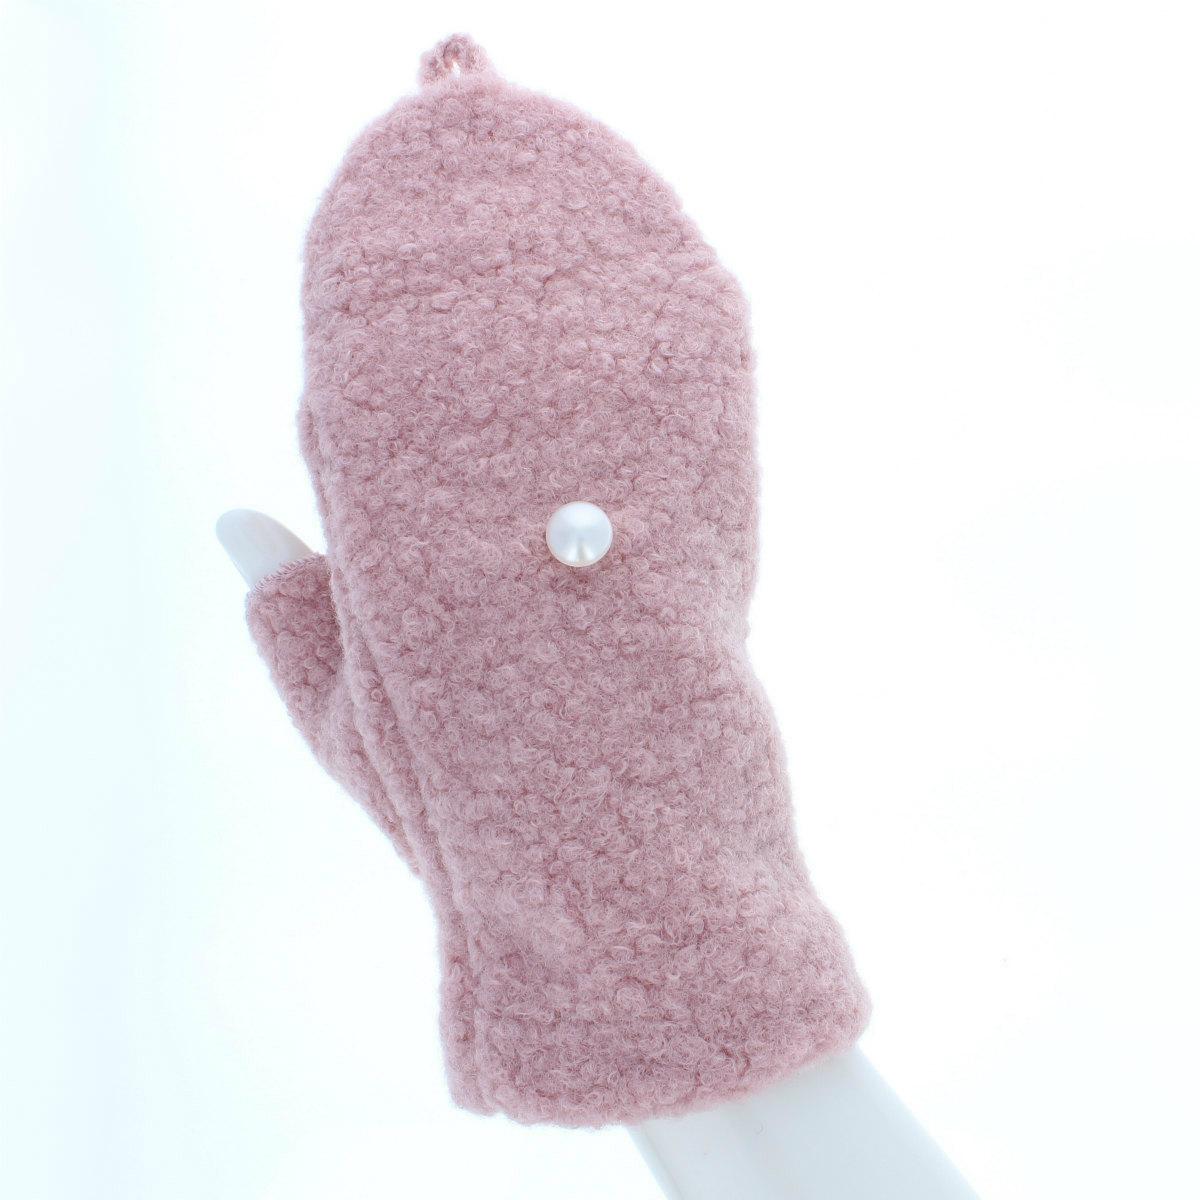 内藤ルネ ネコ型ミトン手袋 ルネキャット ふわふわ素材 肉球型すべり止め付き Mサイズ 全4色